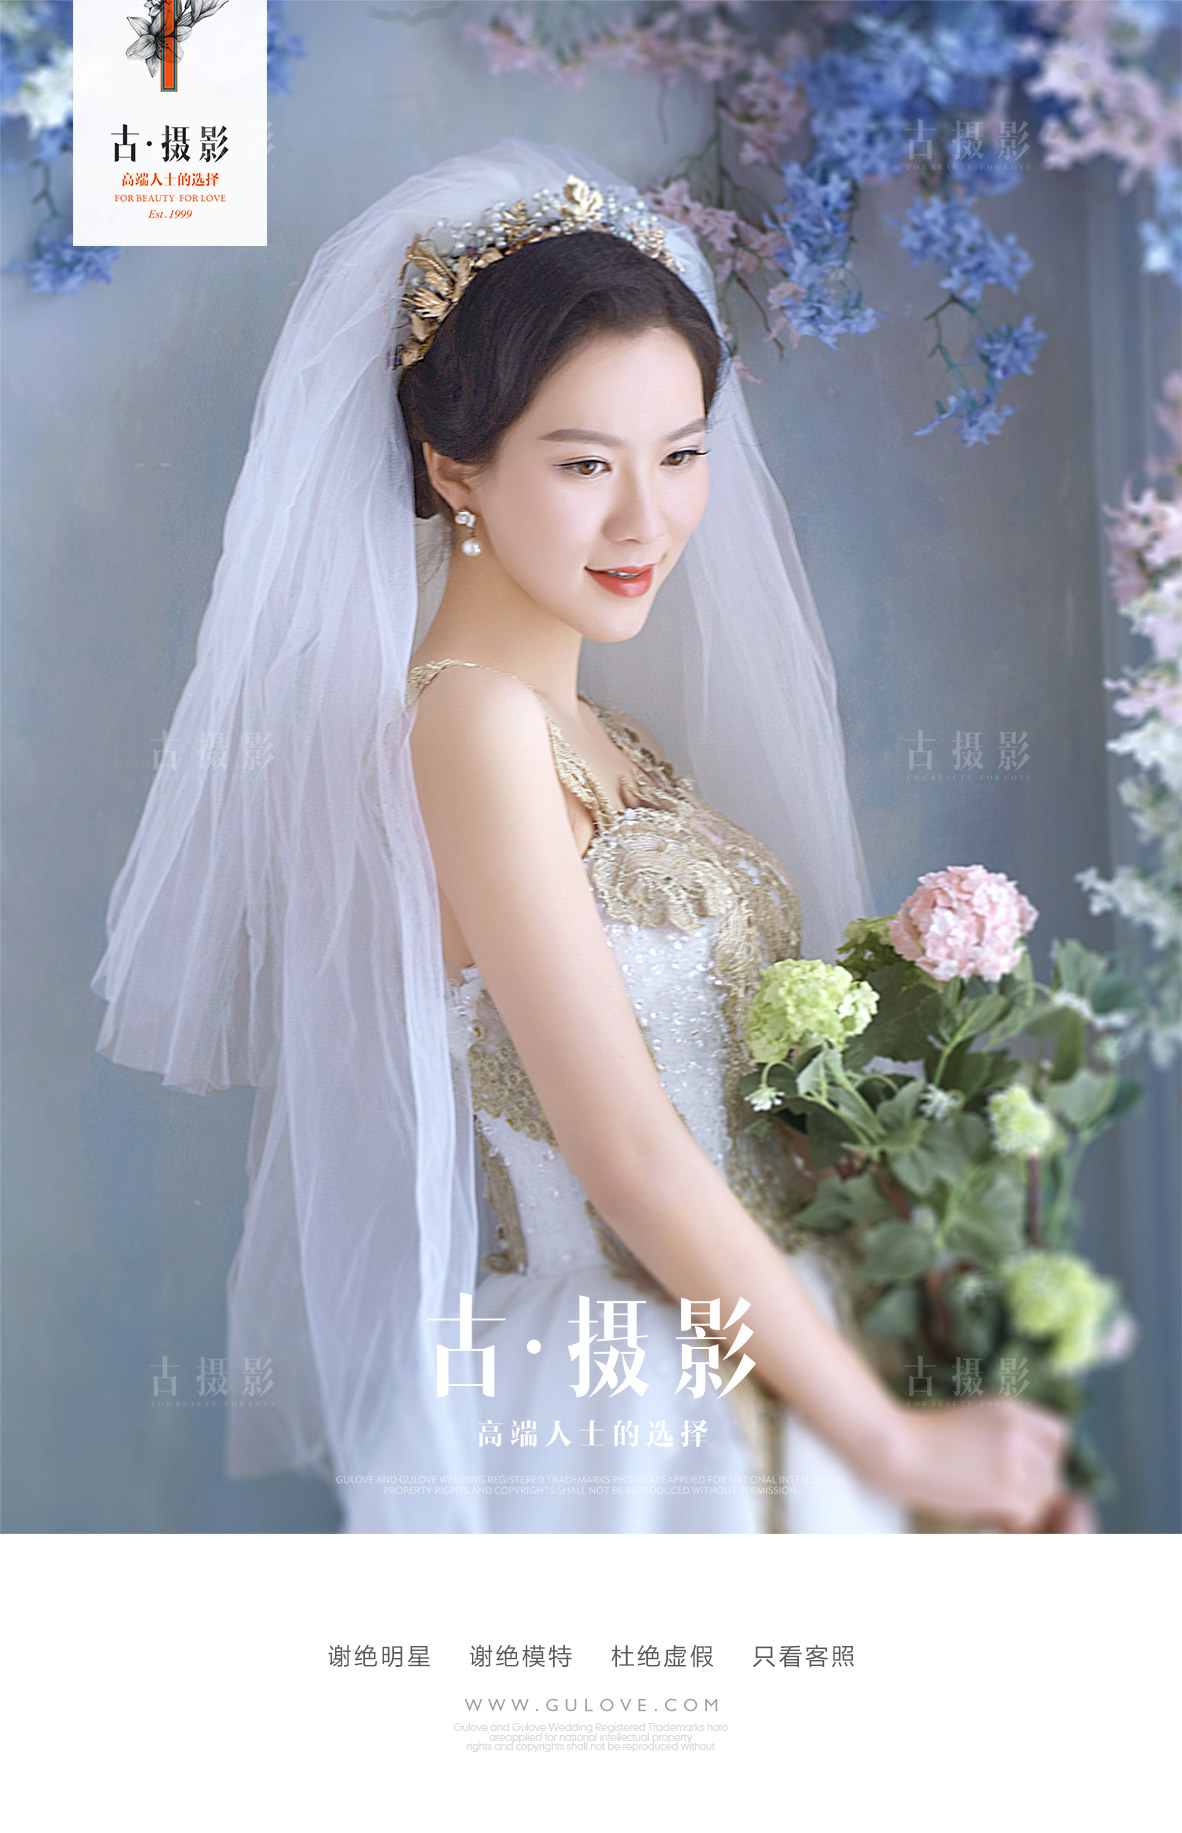 4月客照第一季 - 月度客照 - 古摄影婚纱艺术-古摄影成都婚纱摄影艺术摄影网